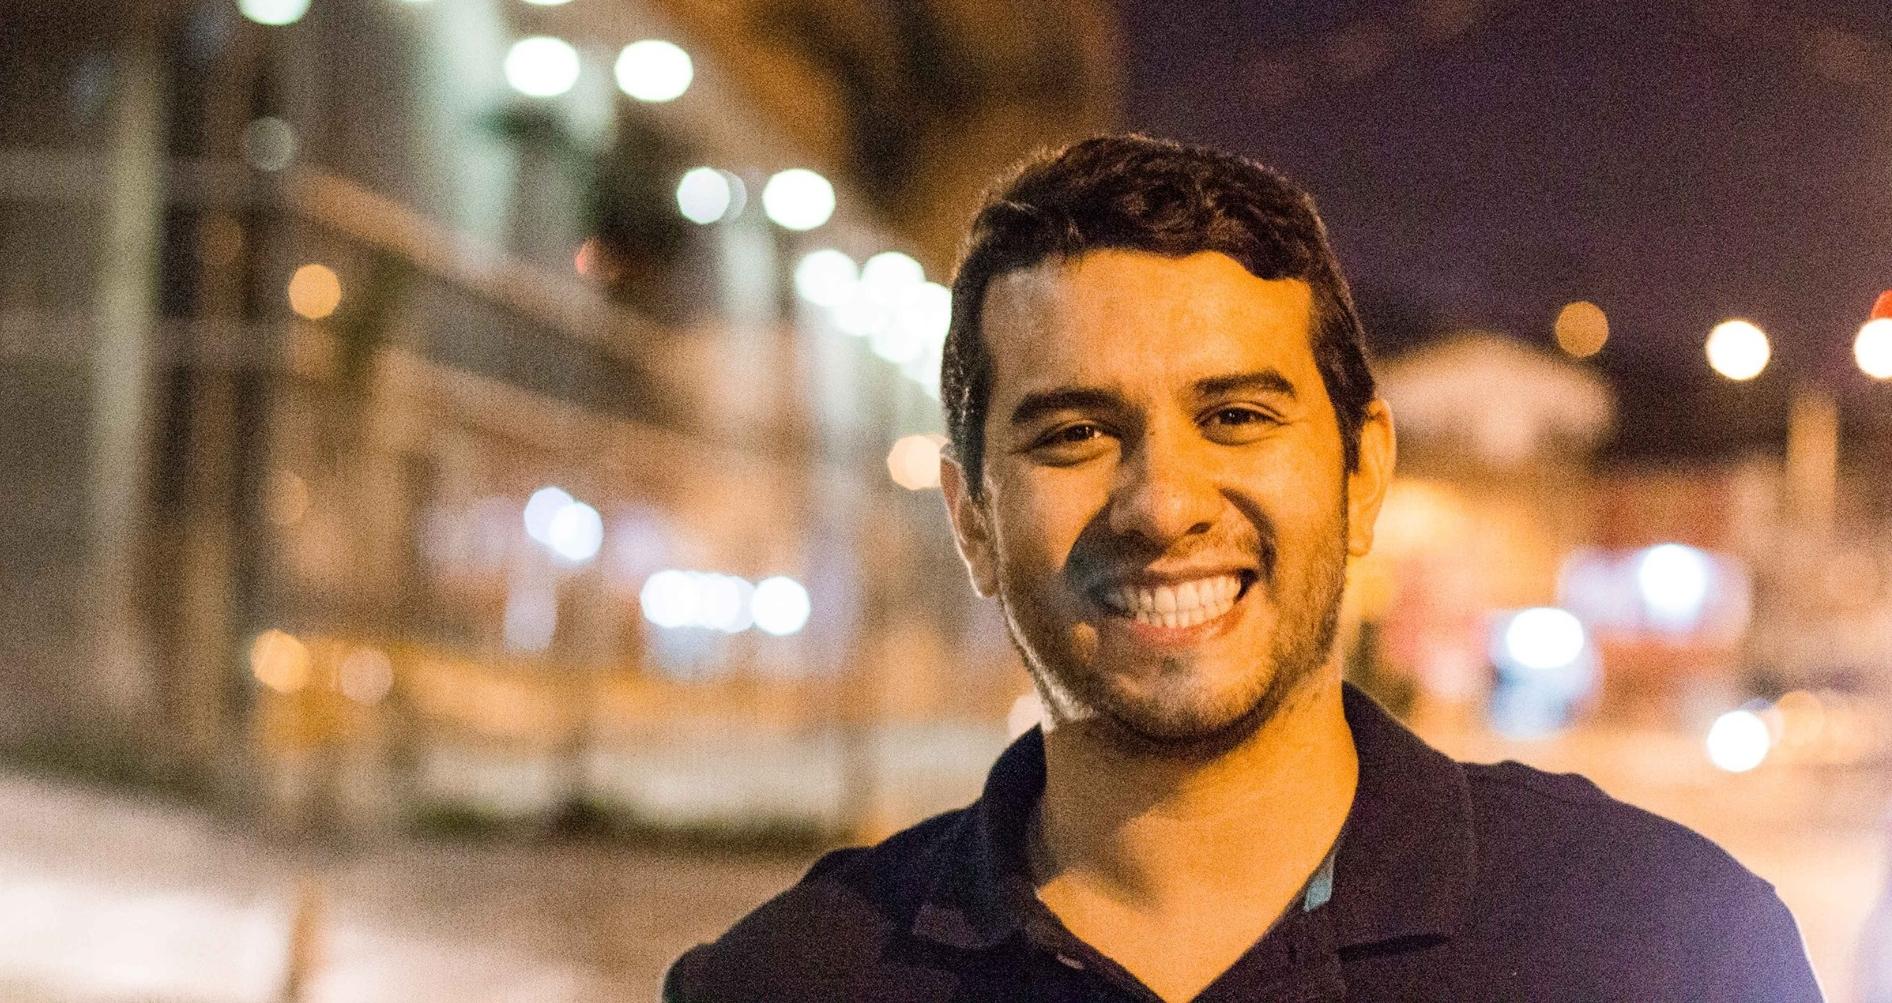 Esteban Jaramillo - Curator of the Medellin, Colombia Hub